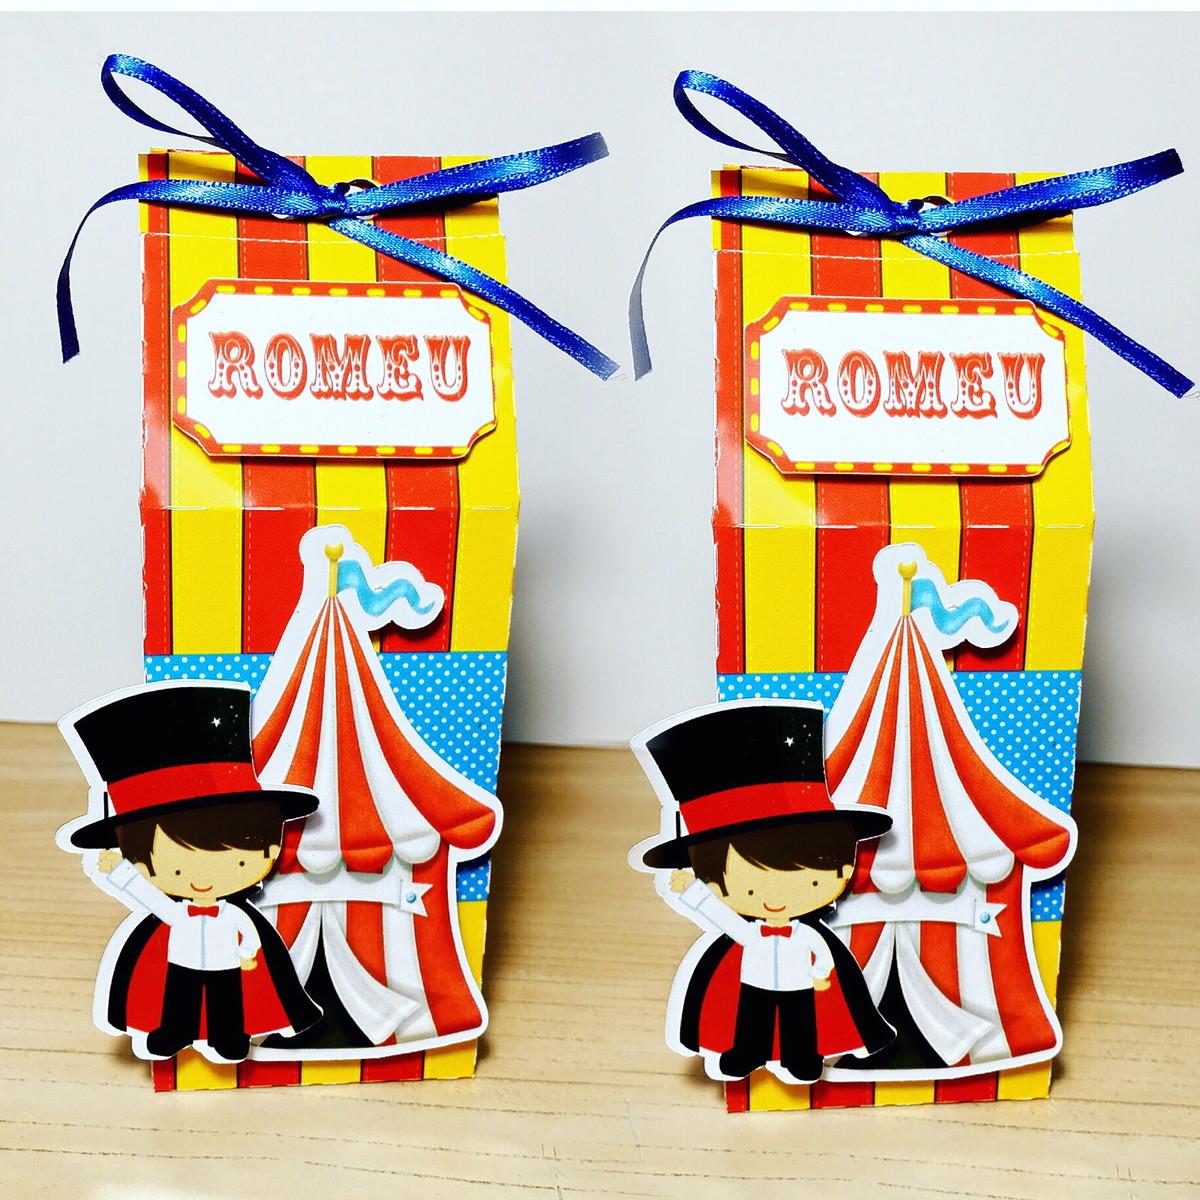 Caixa Milk Leite 3d Tema Circo No Elo7 Dona Papier Aef57e